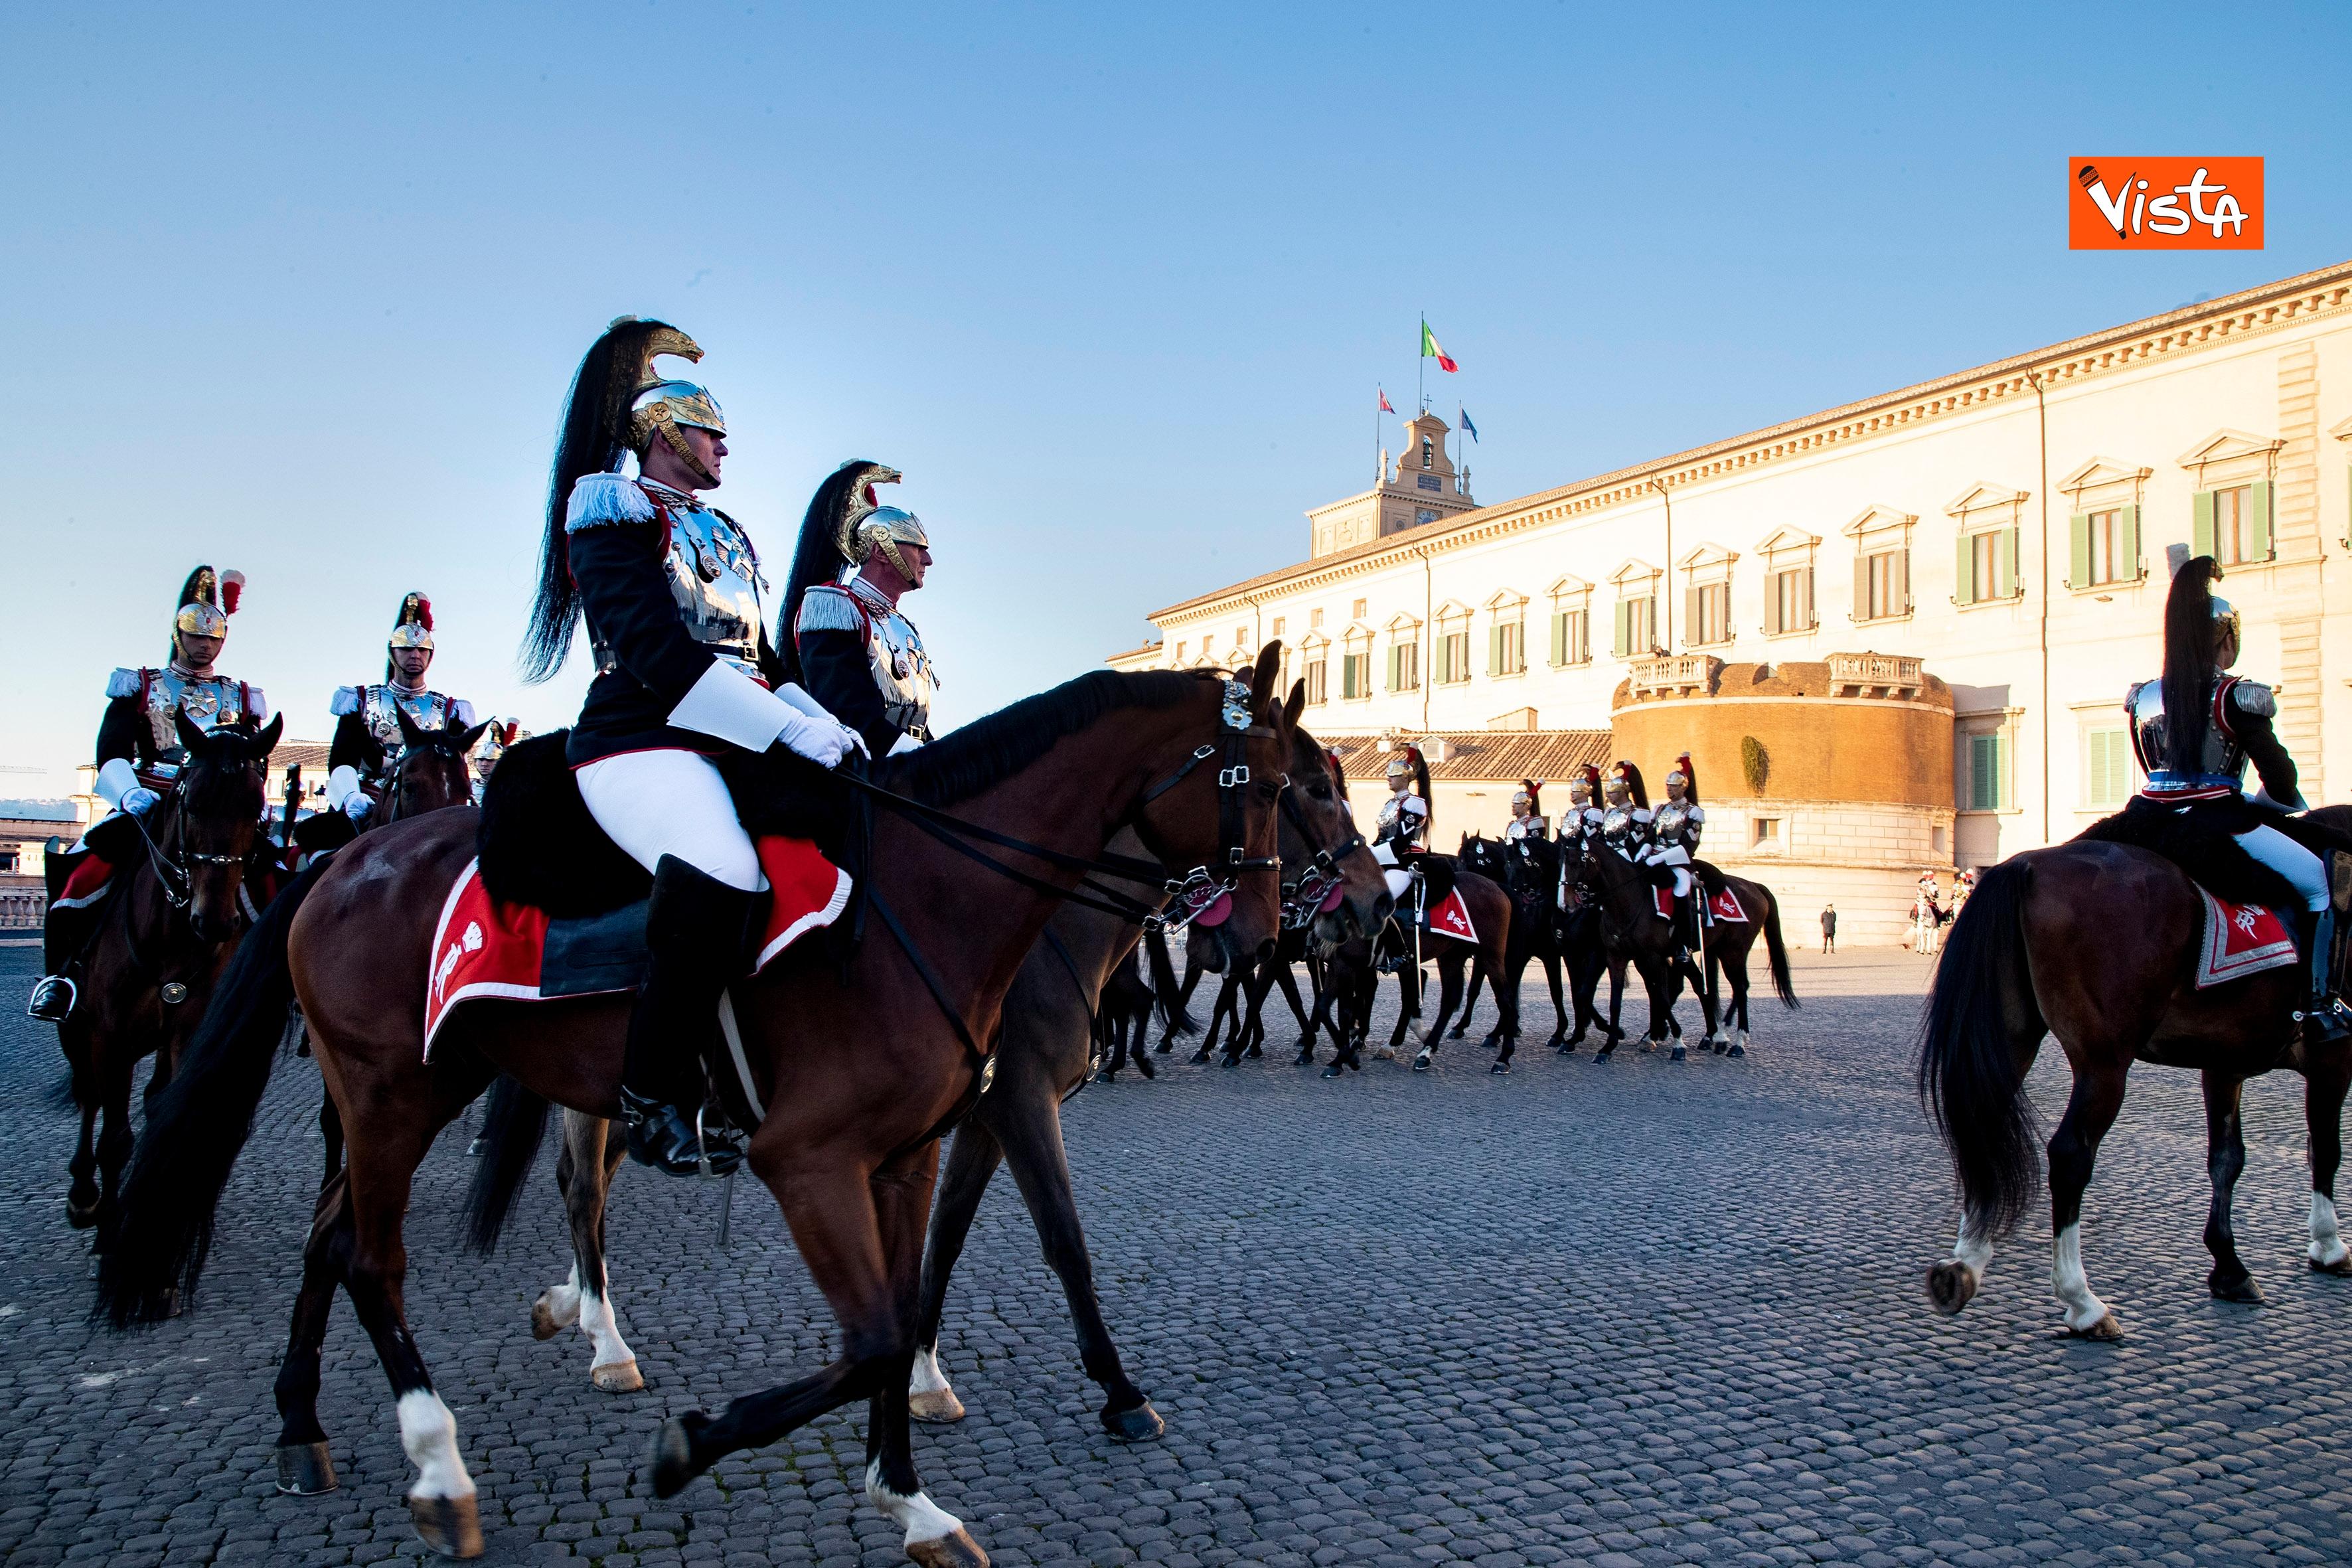 07-01-19 Festa Tricolore il cambio della guardia solenne al Quirinale_03